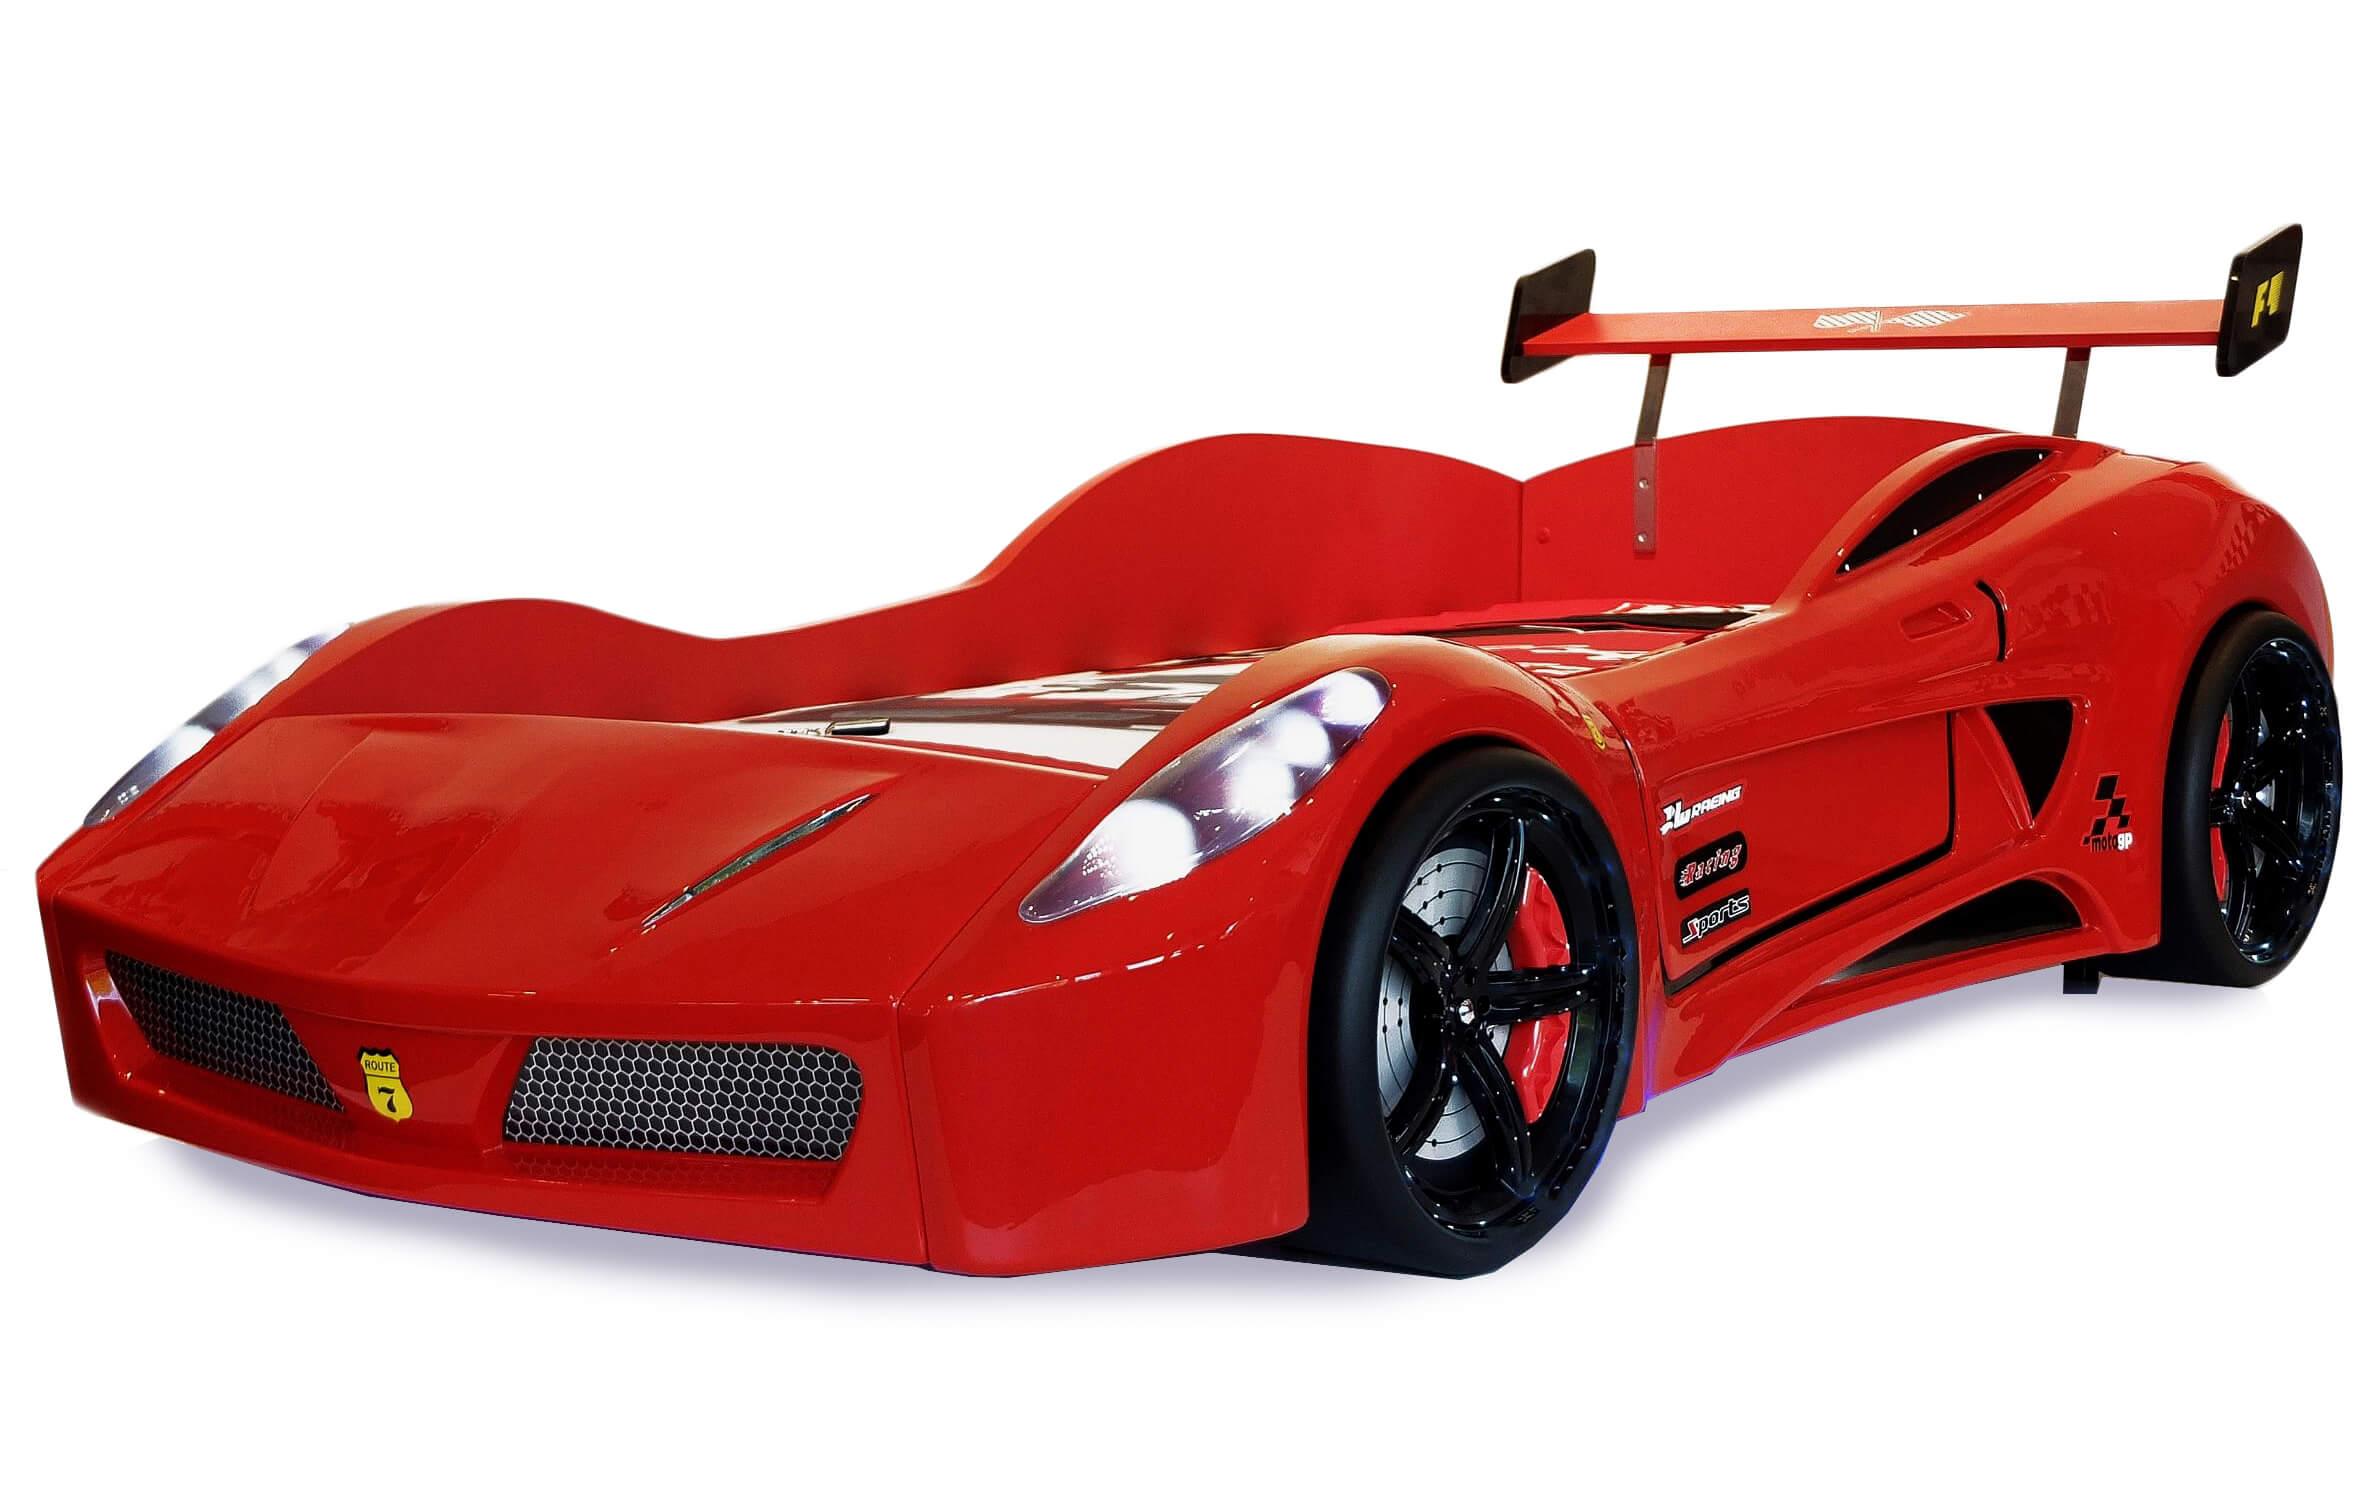 Details Zu Autobett Kinderbett Turbo V7 Rot Mit Led Licht Kippschalter Ohne Sound Funk